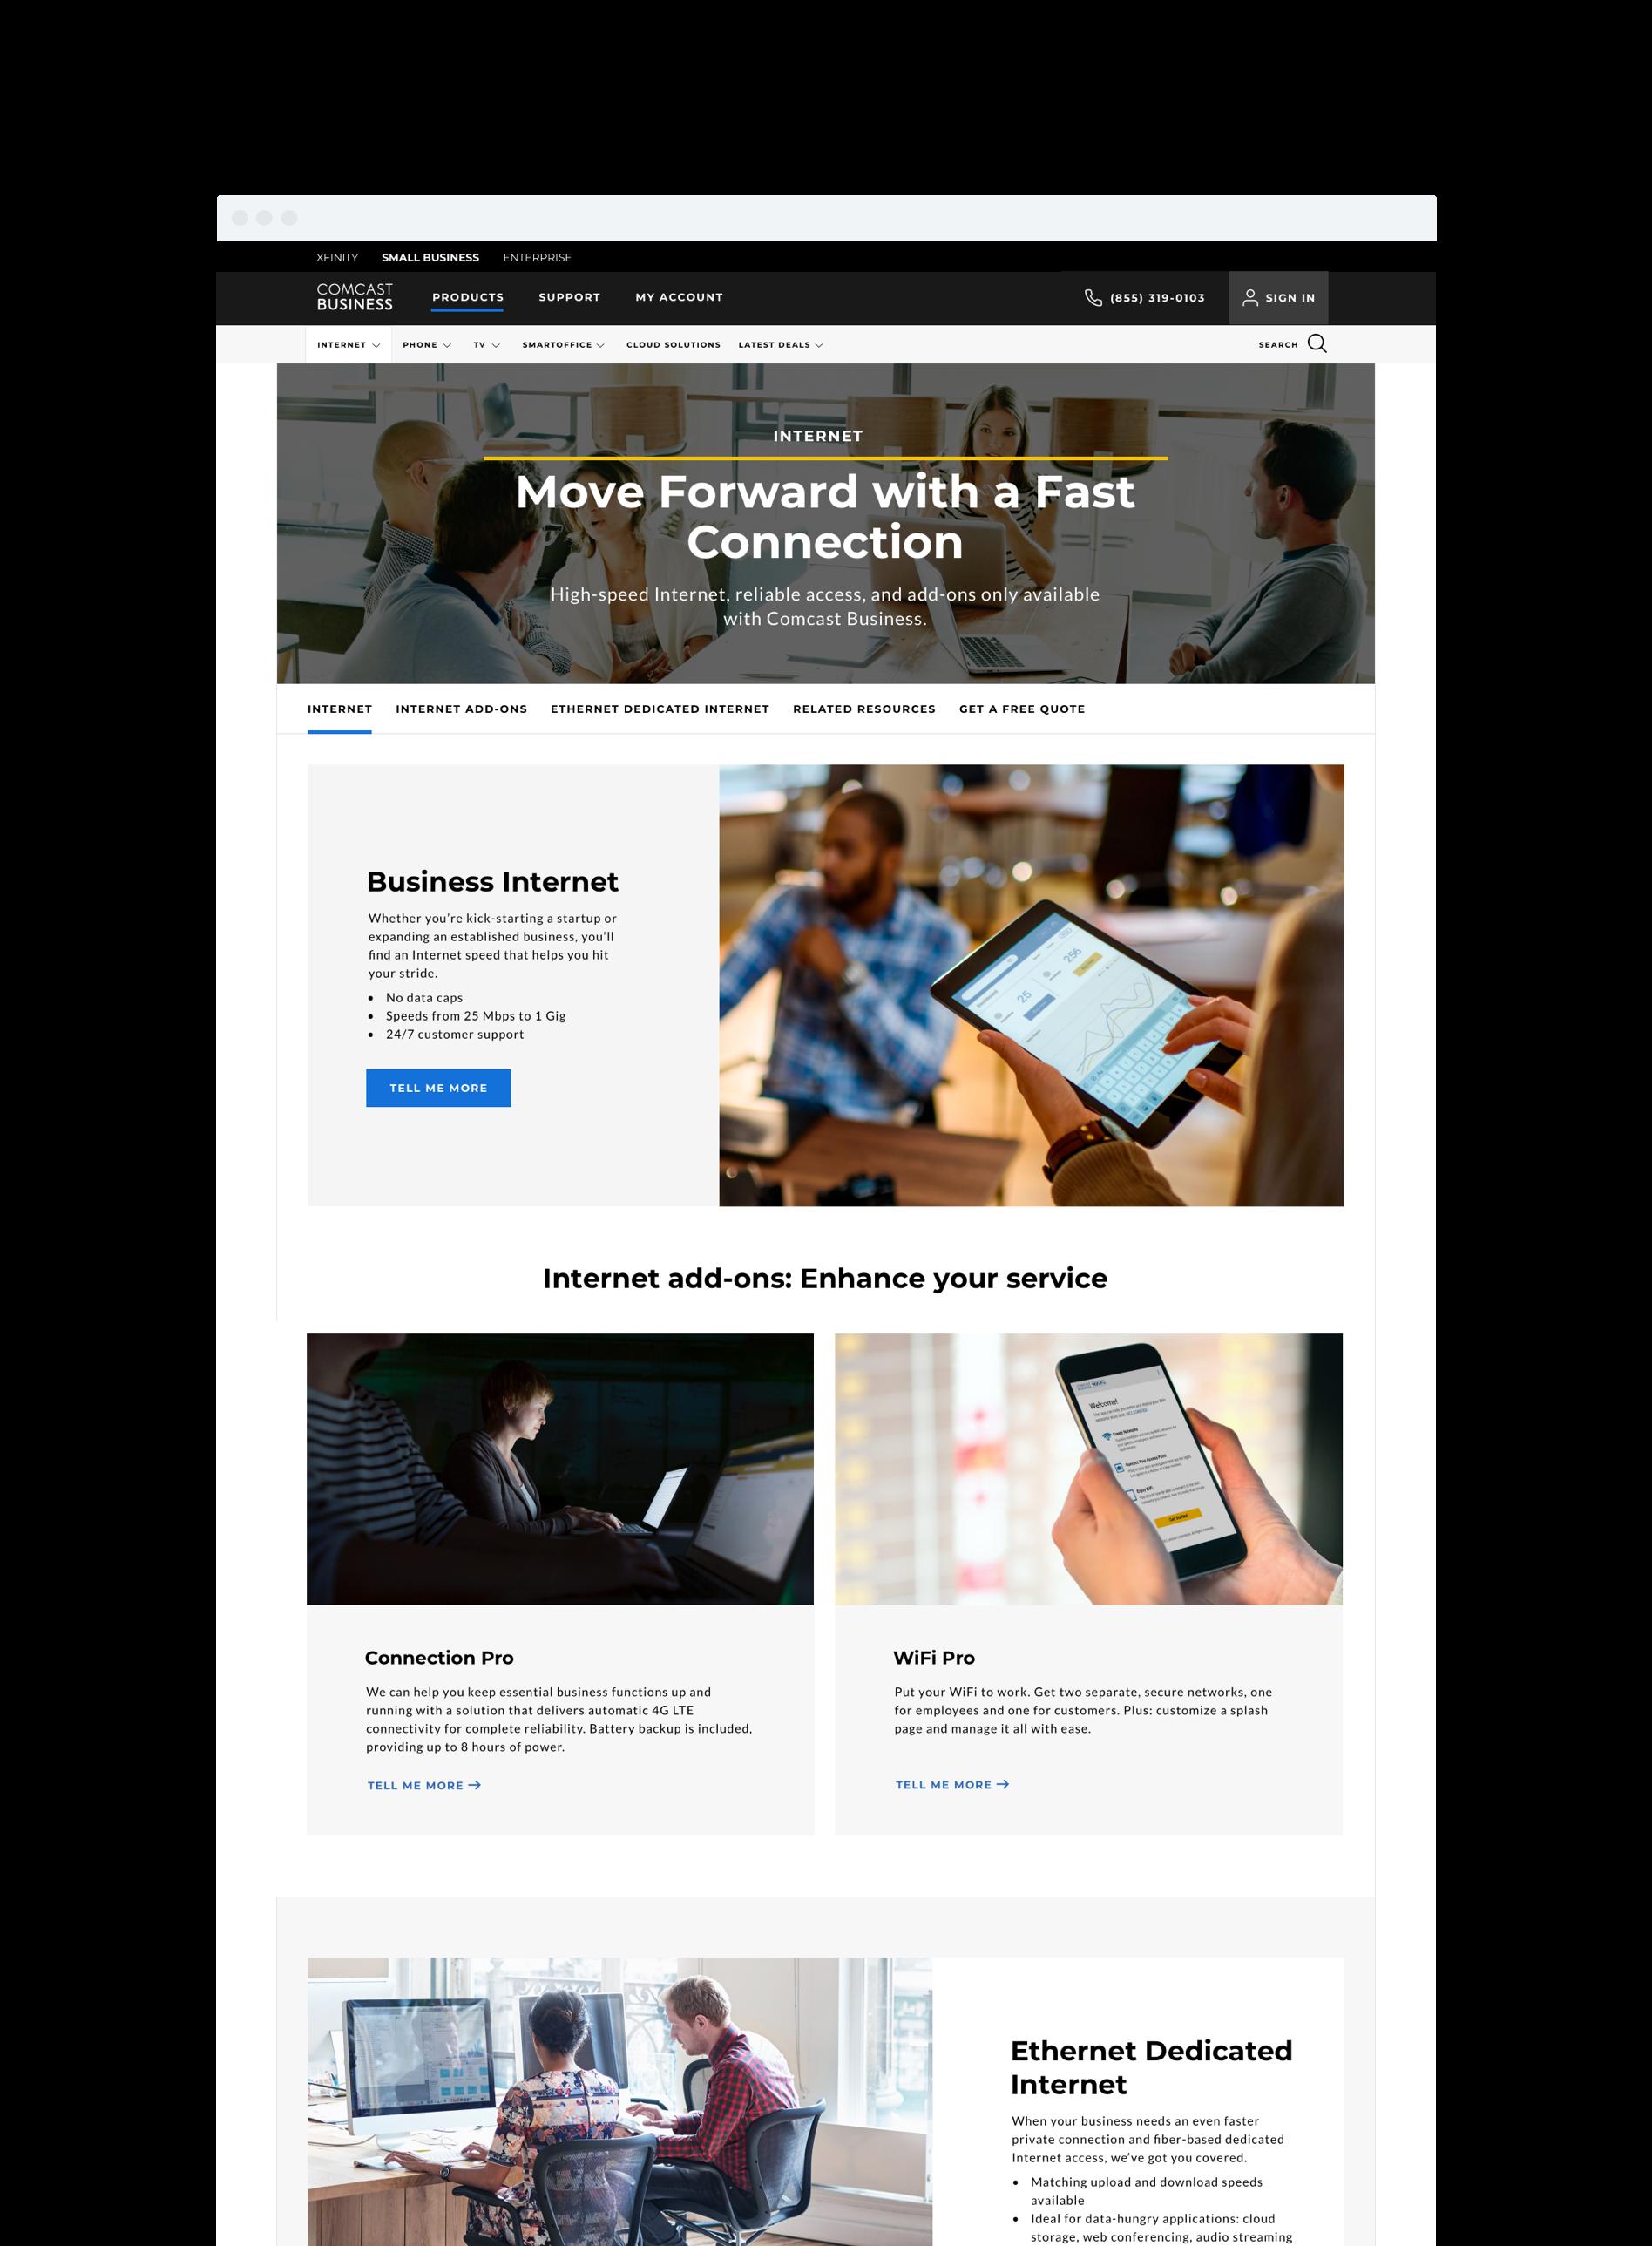 Comcast Business - Internet LOB